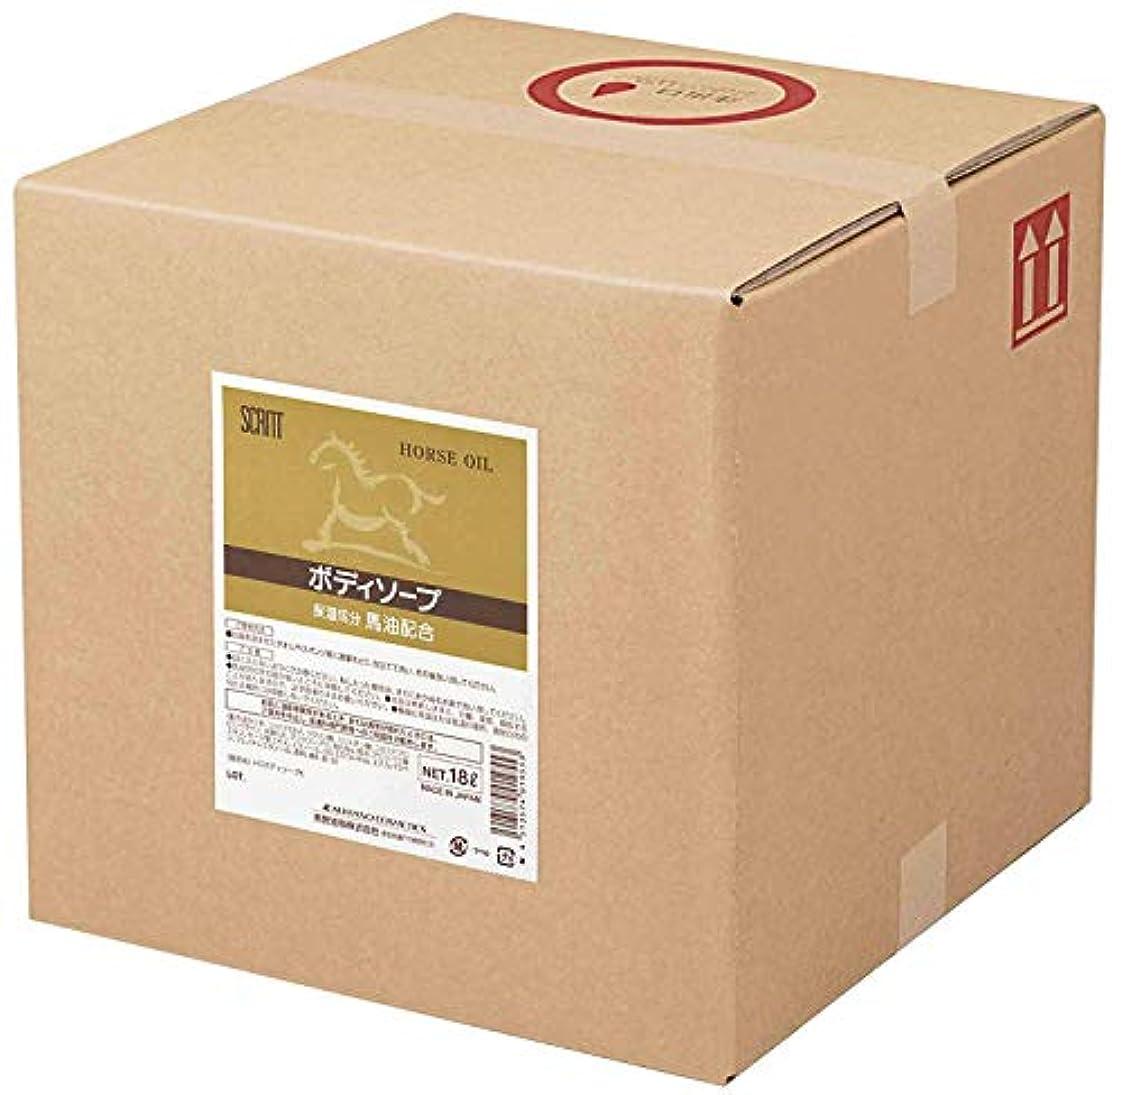 鼻収容するミルク業務用 SCRITT(スクリット) 馬油ボディソープ 18L 熊野油脂 (コック無し)